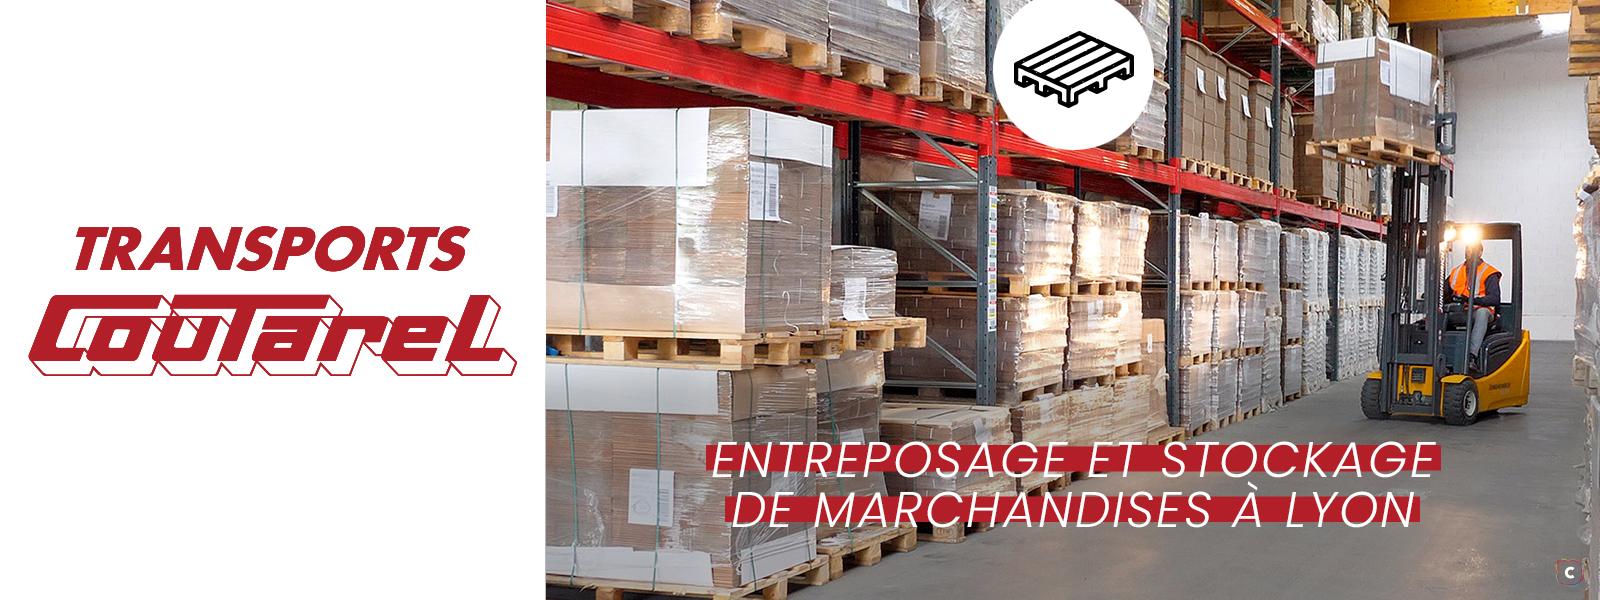 Entreposage et stockage de marchandises à Lyon